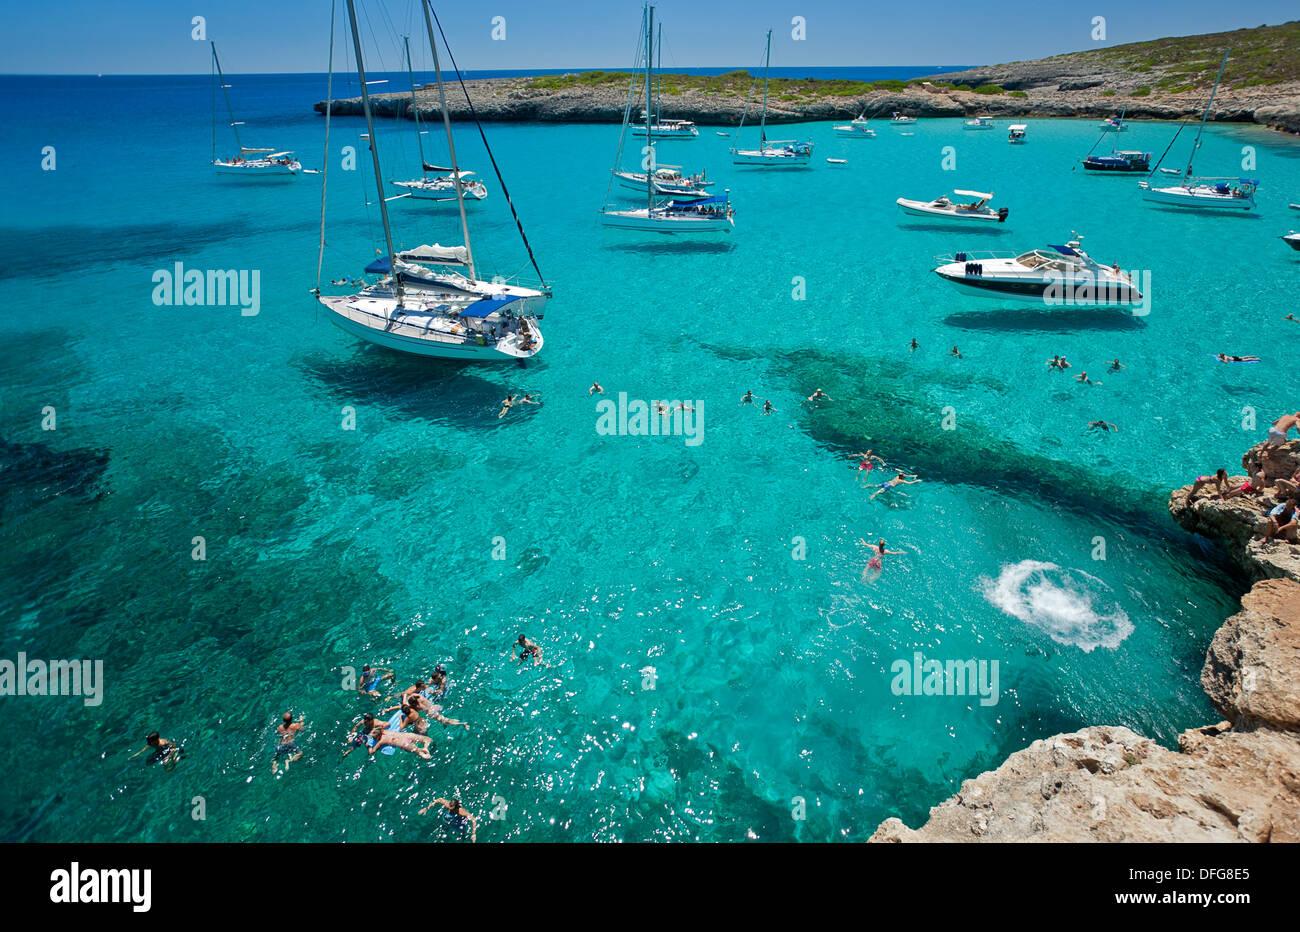 Bateaux à voile ancrées à Cala Varques. L'île de Majorque. Espagne Photo Stock